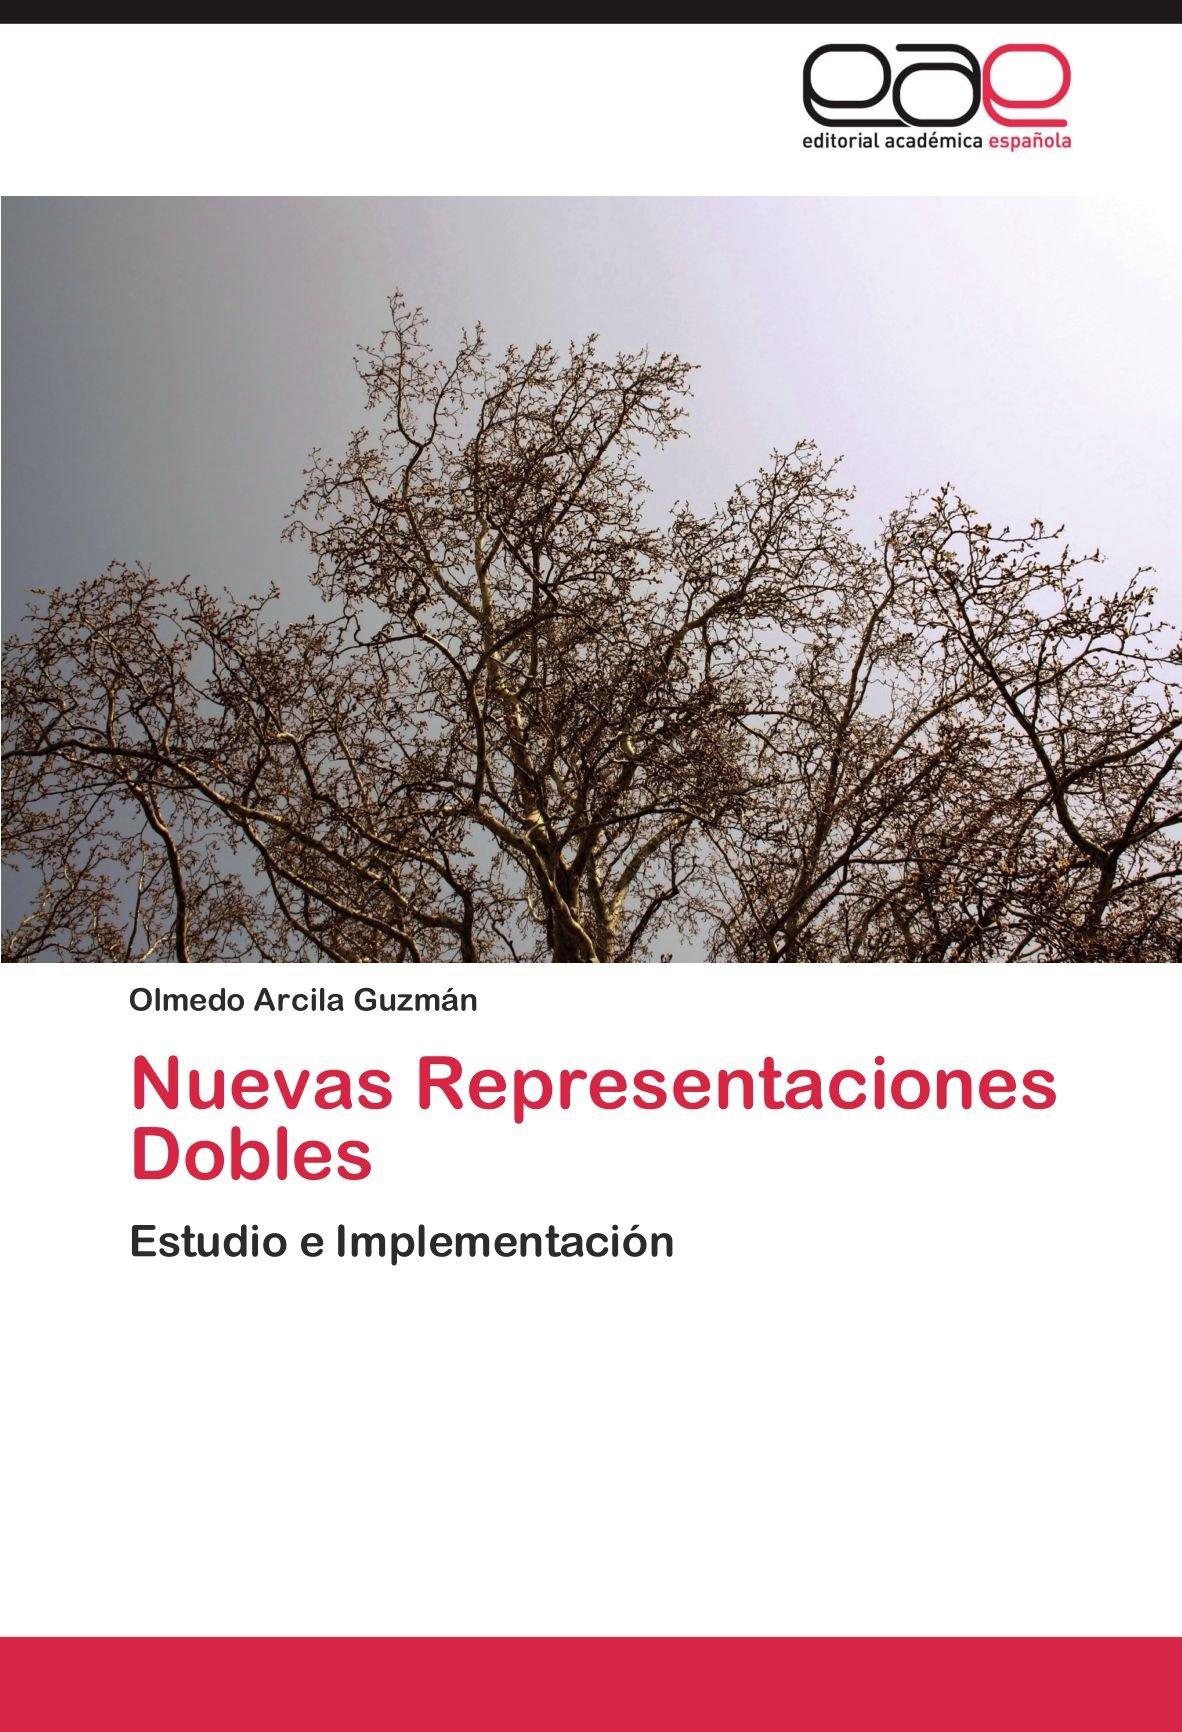 Nuevas Representaciones Dobles: Estudio e Implementación (Spanish Edition): Olmedo Arcila Guzmán: 9783845484365: Amazon.com: Books